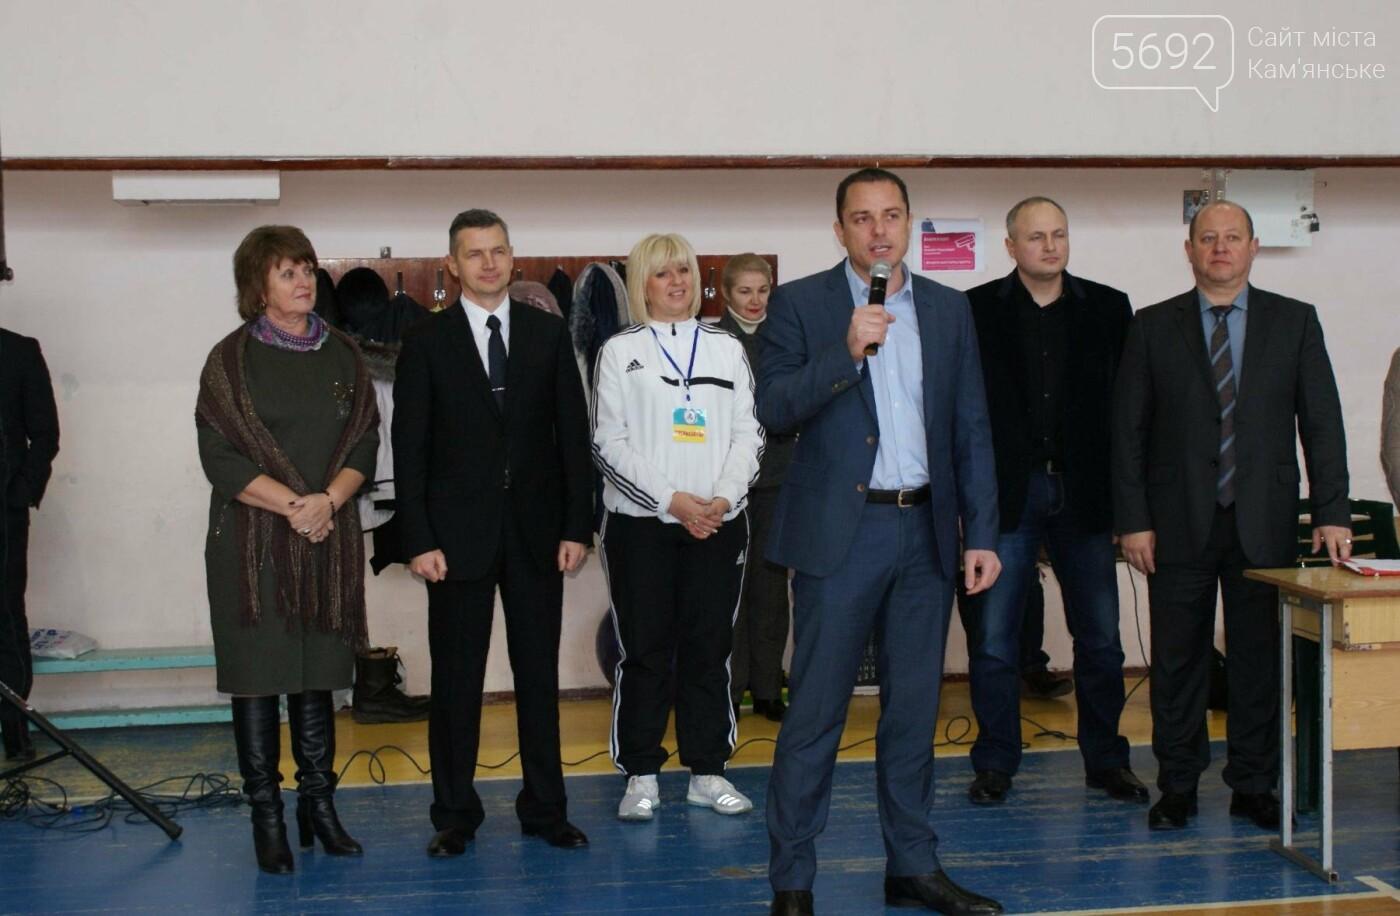 В Каменском завершились соревнования «Спорт для всех – здоровье нации» , фото-2